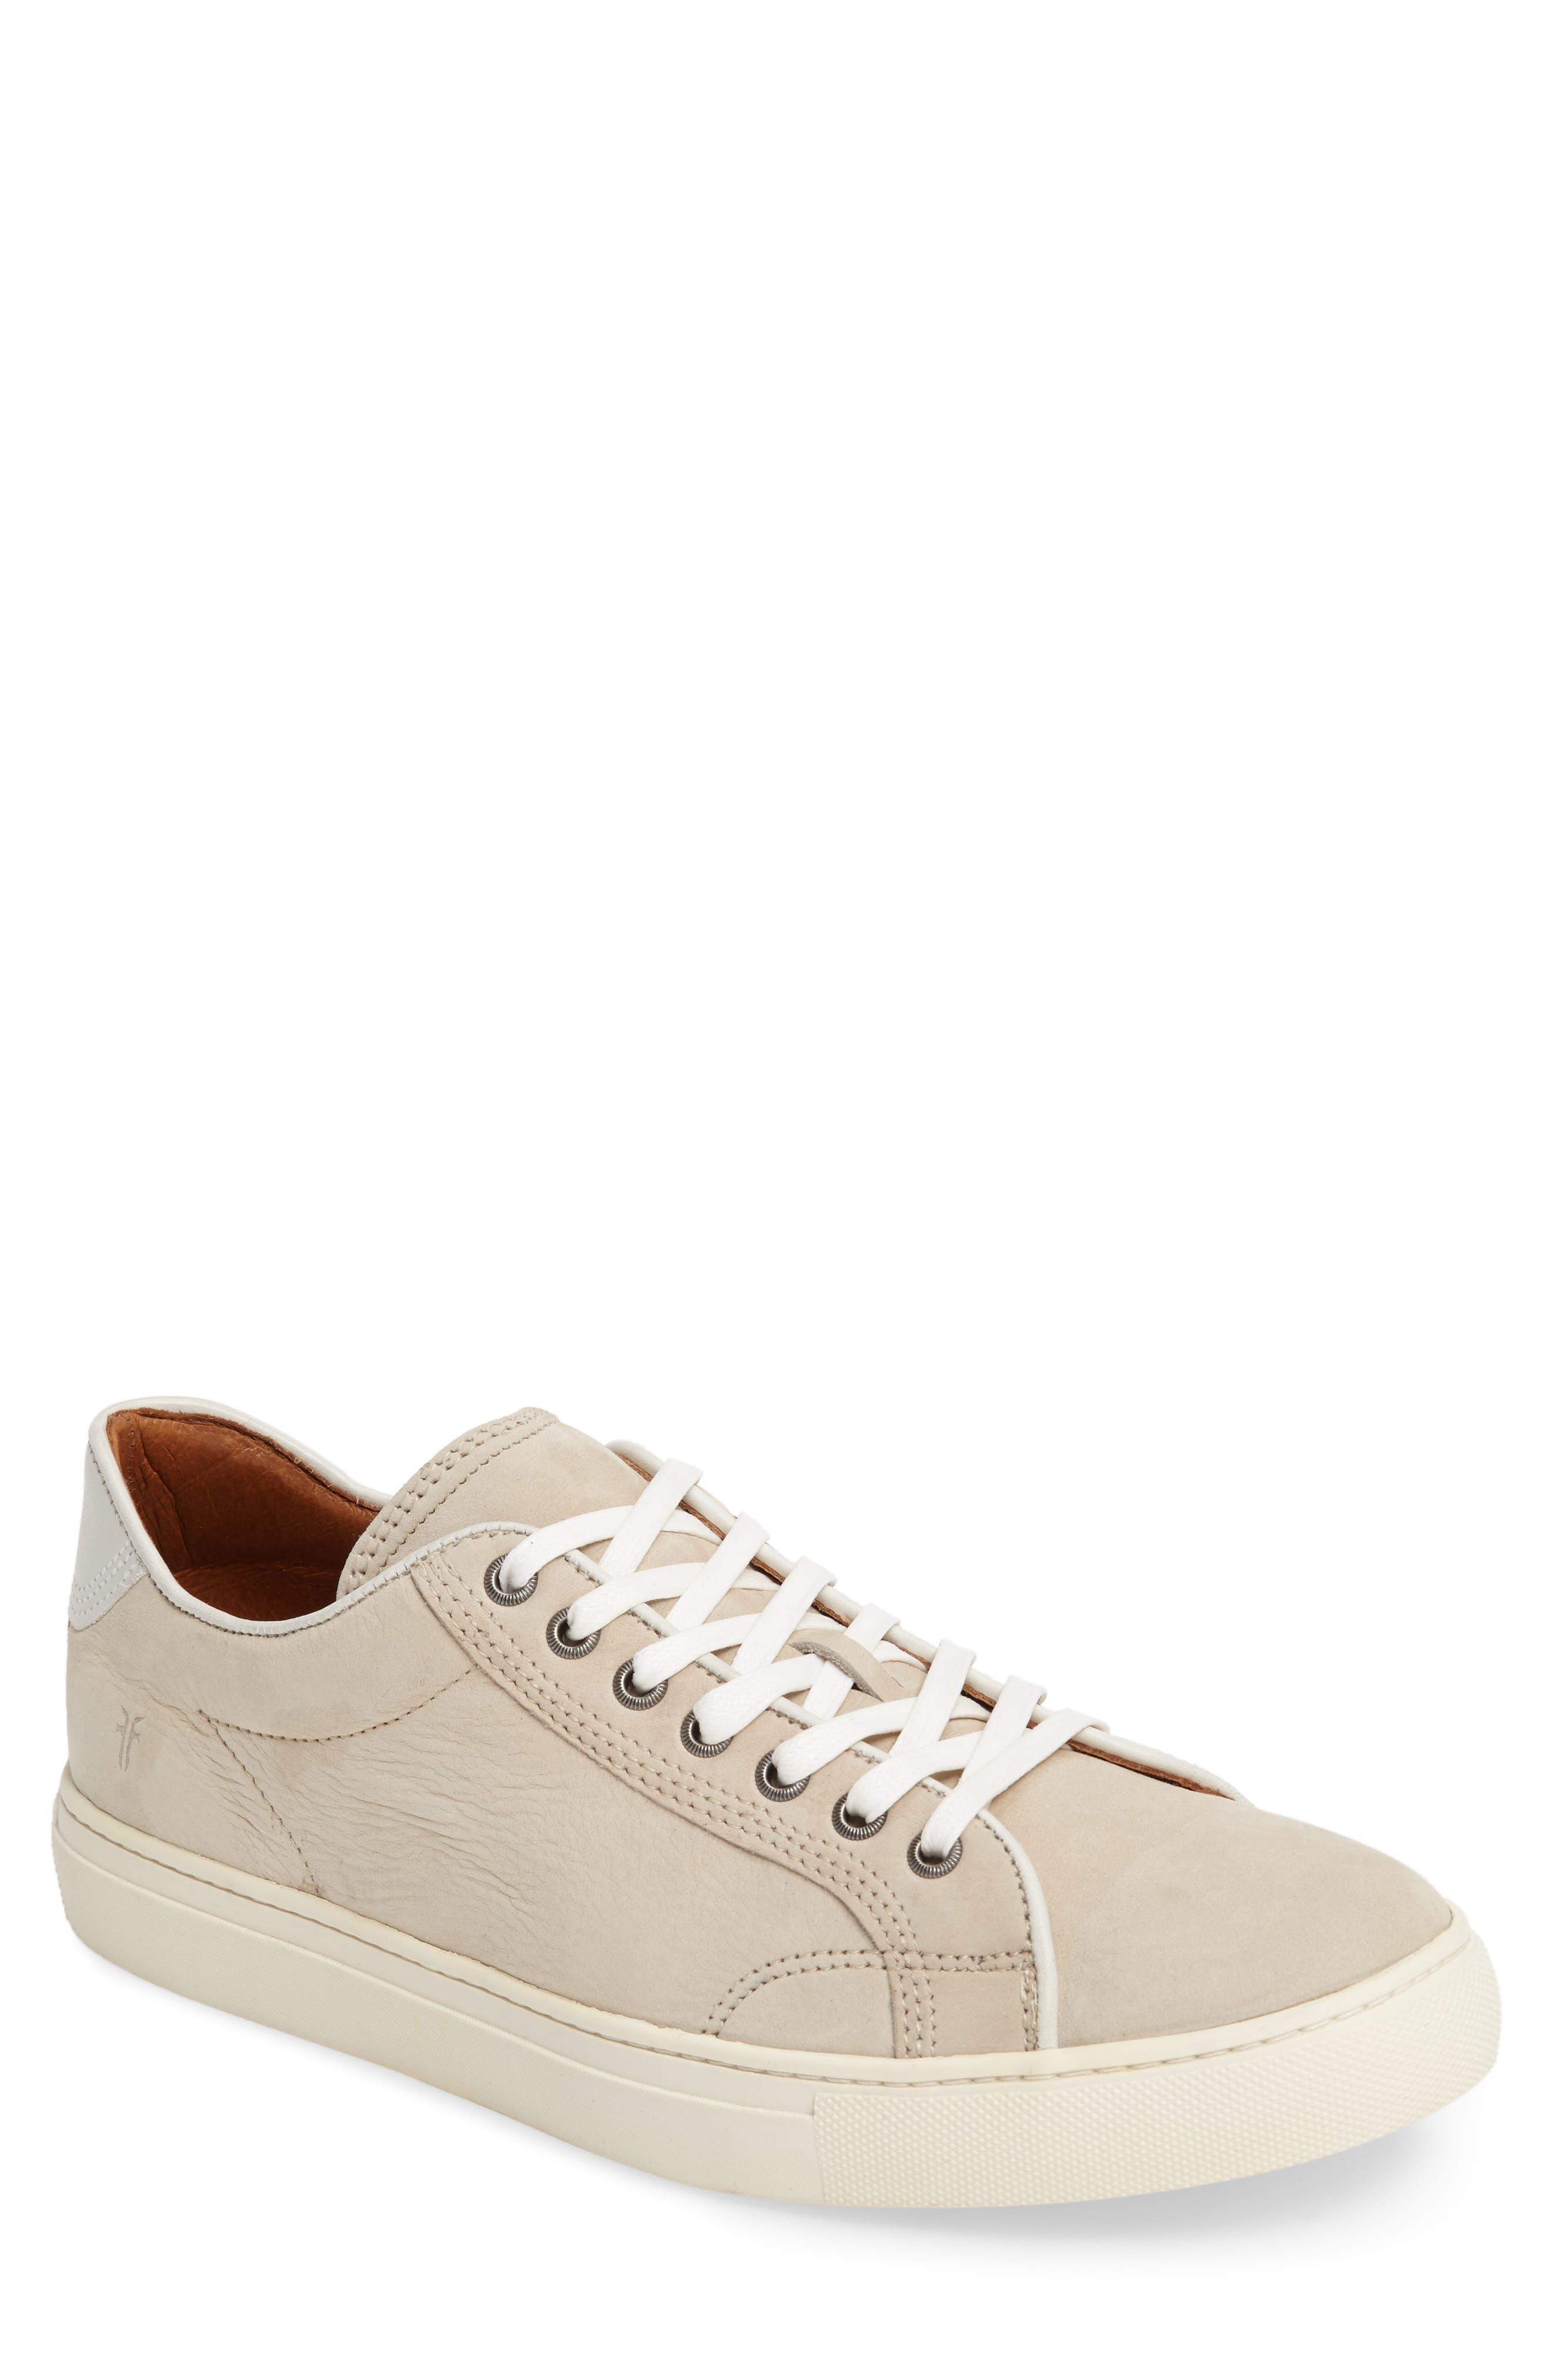 Alternate Image 1 Selected - Frye Walker Low Top Sneaker (Men)